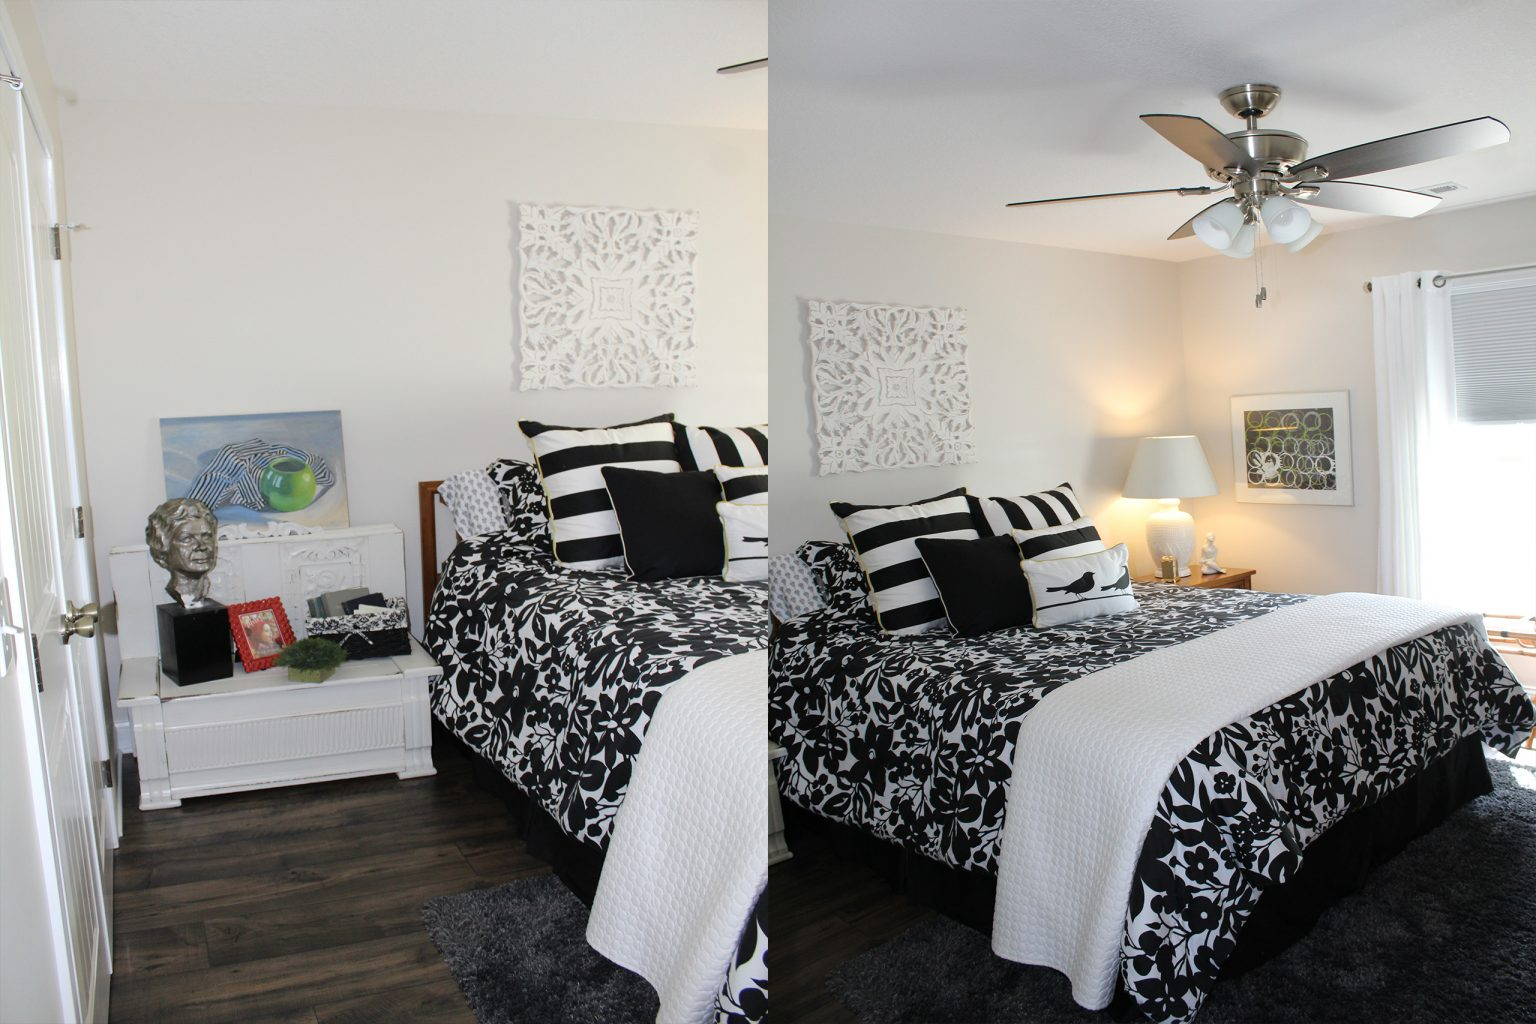 blk-wht bedroom